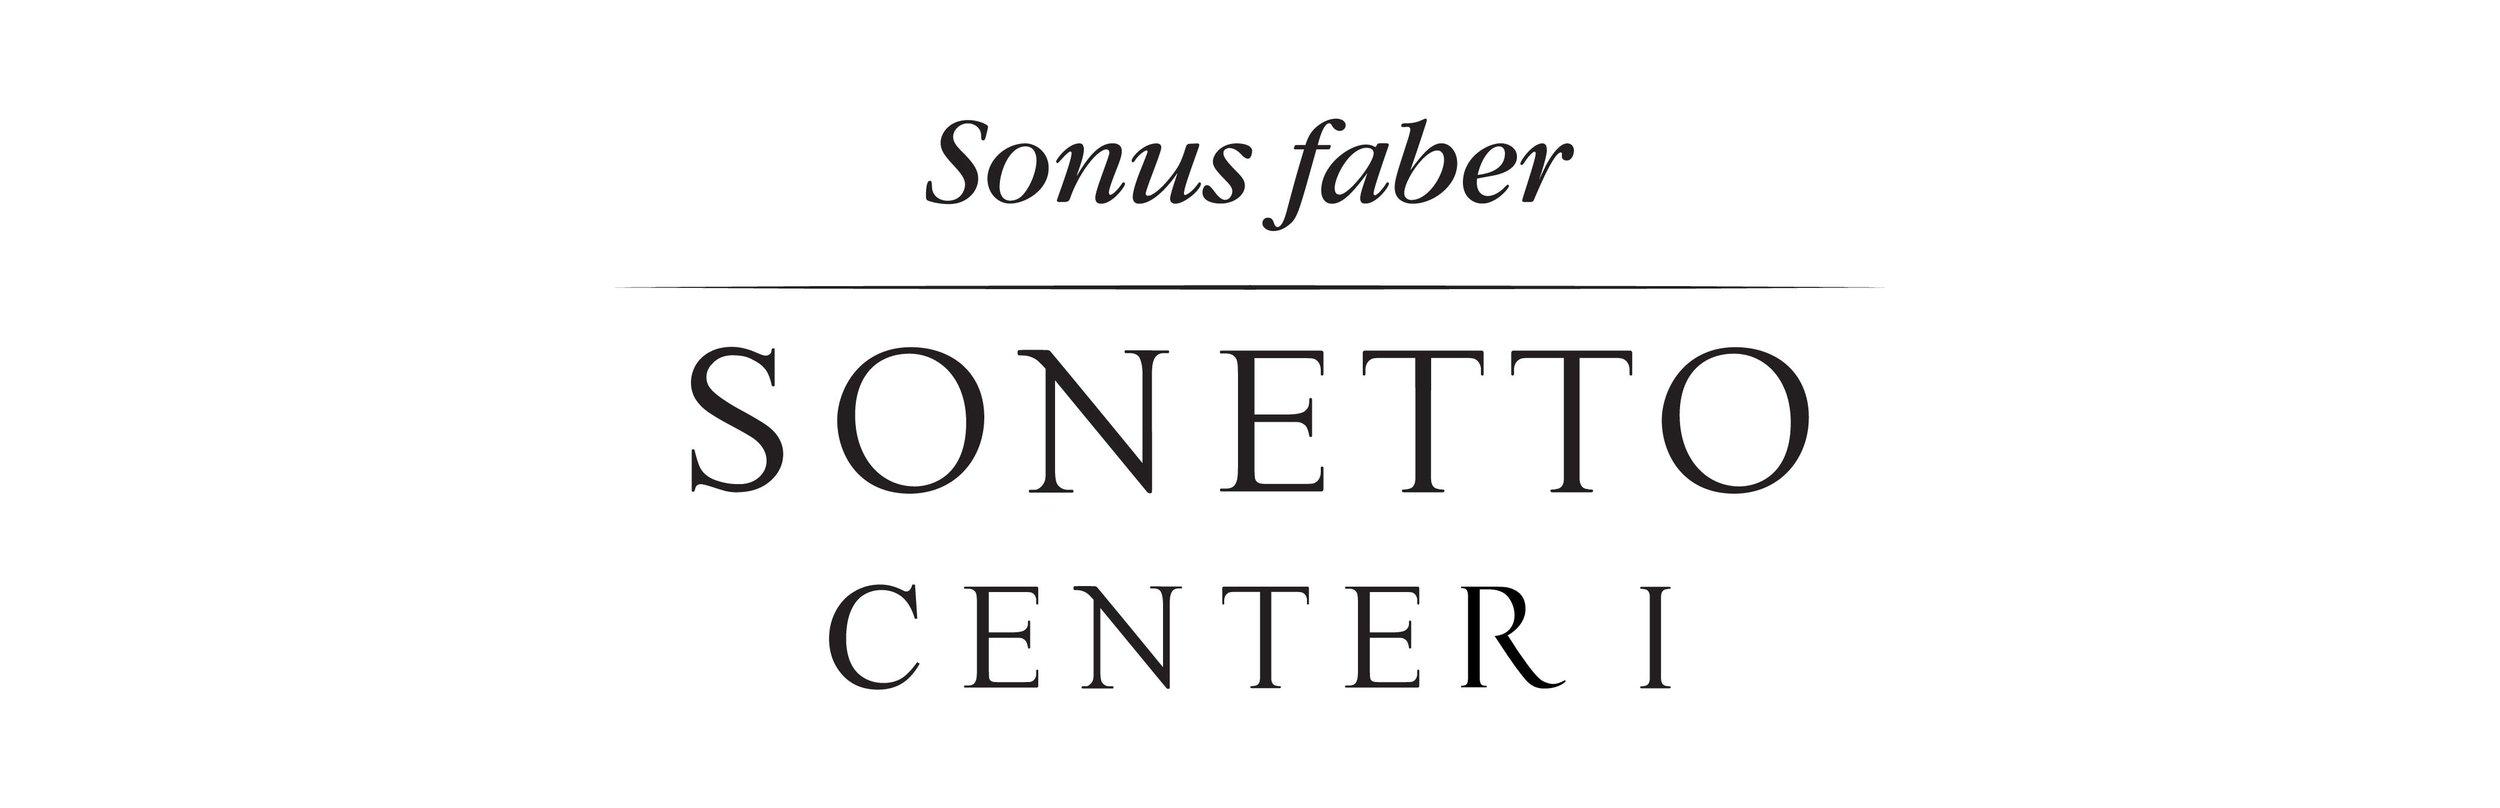 center 1-01.jpg